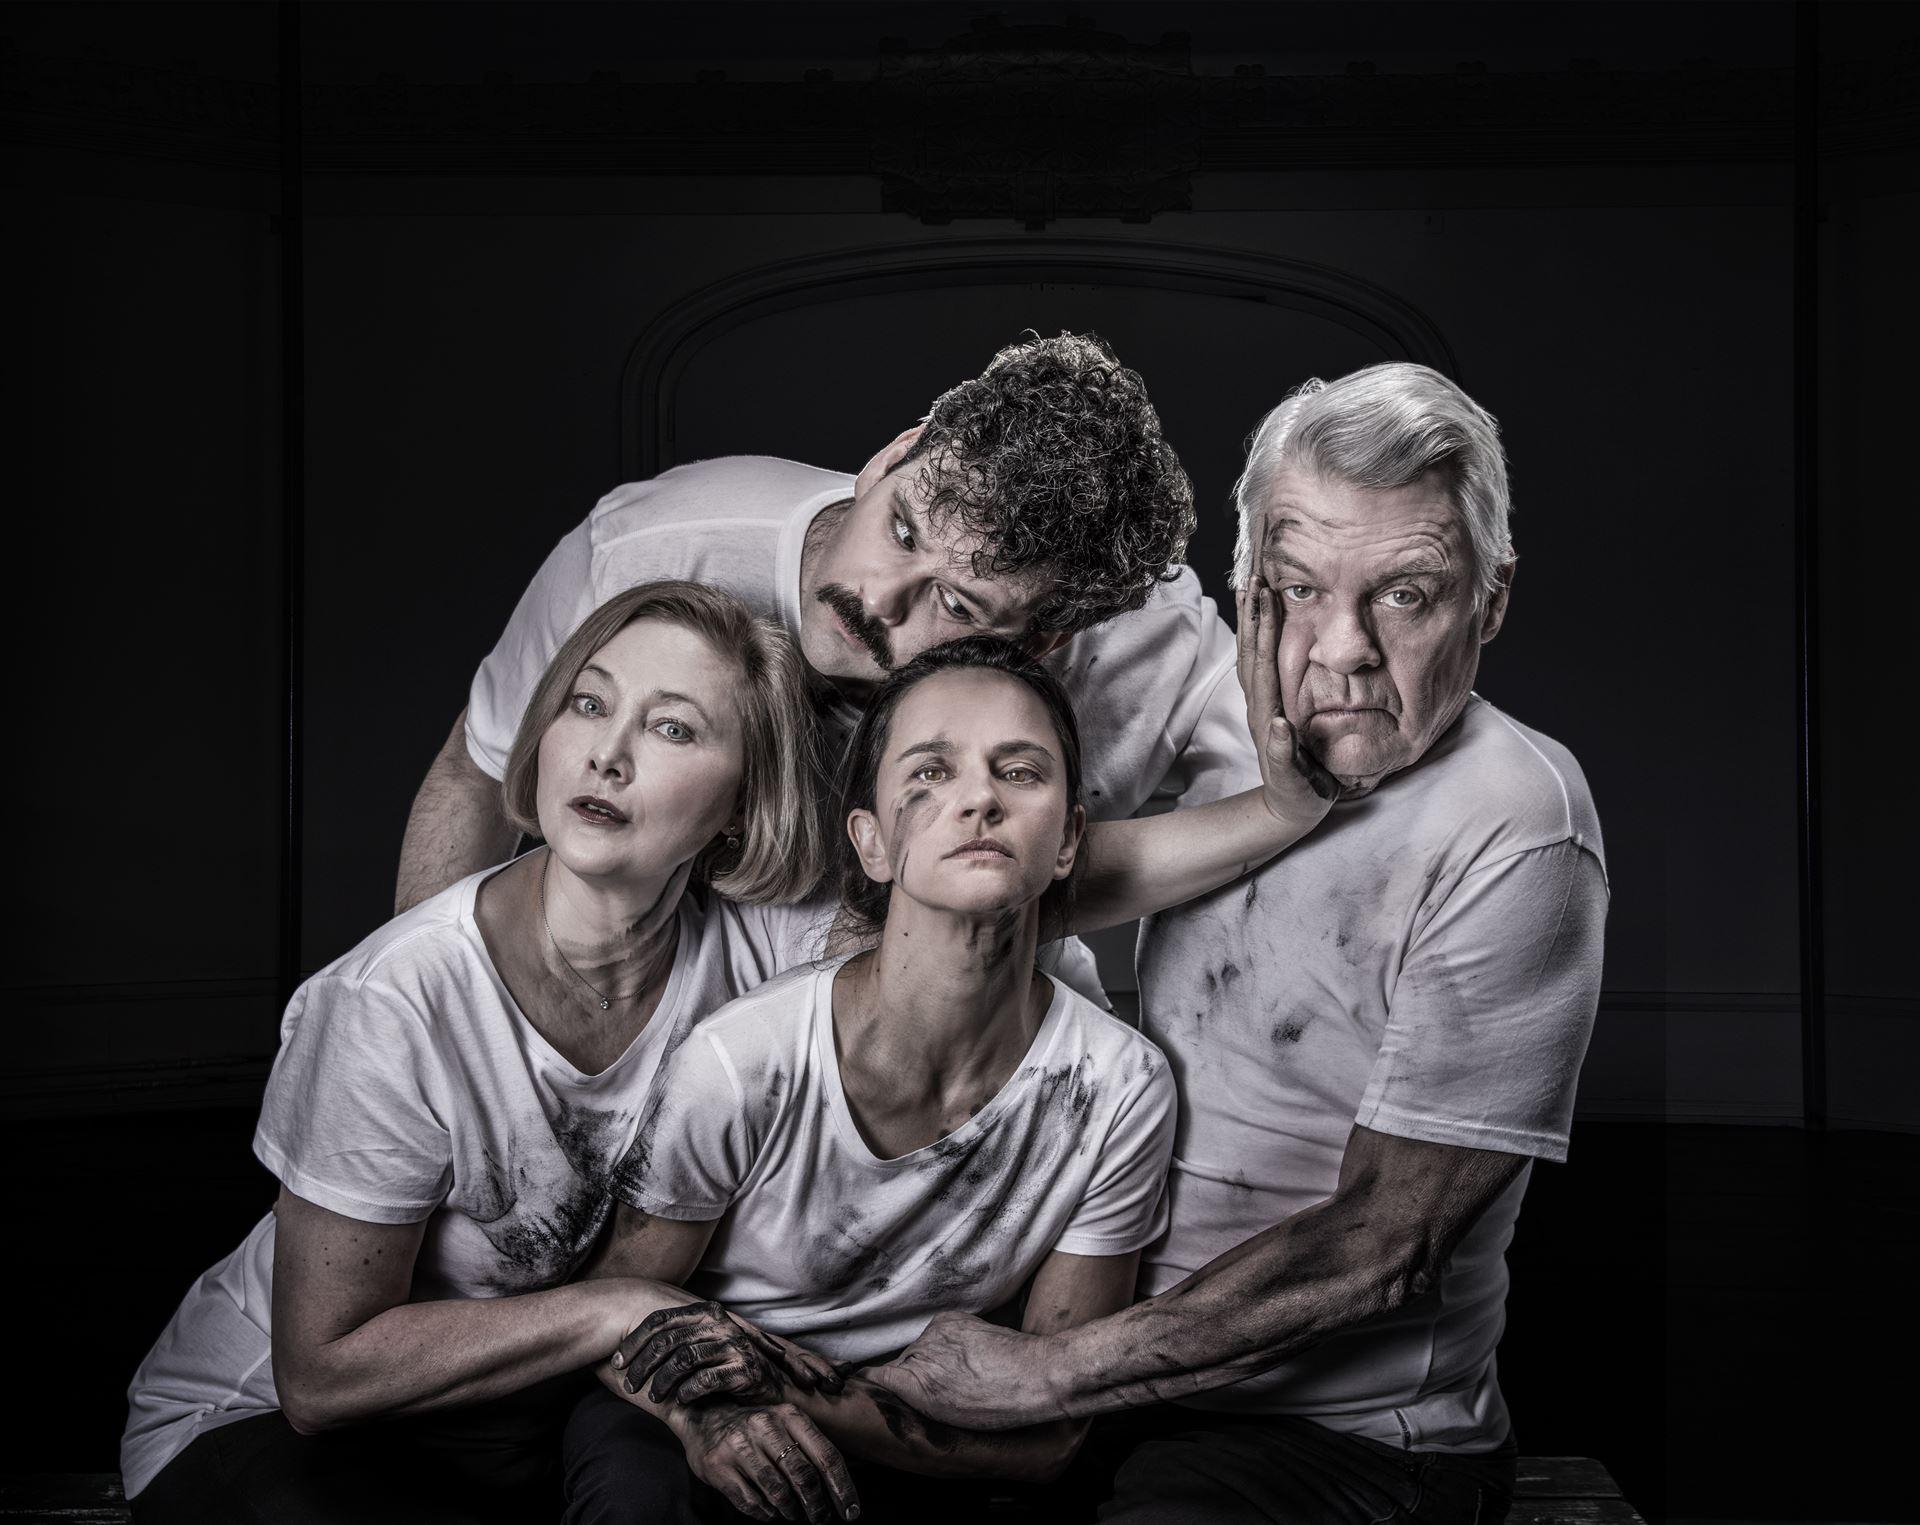 Gråtonad bild med fyra människor i smutsiga t-shirts. Foto: Dramaten